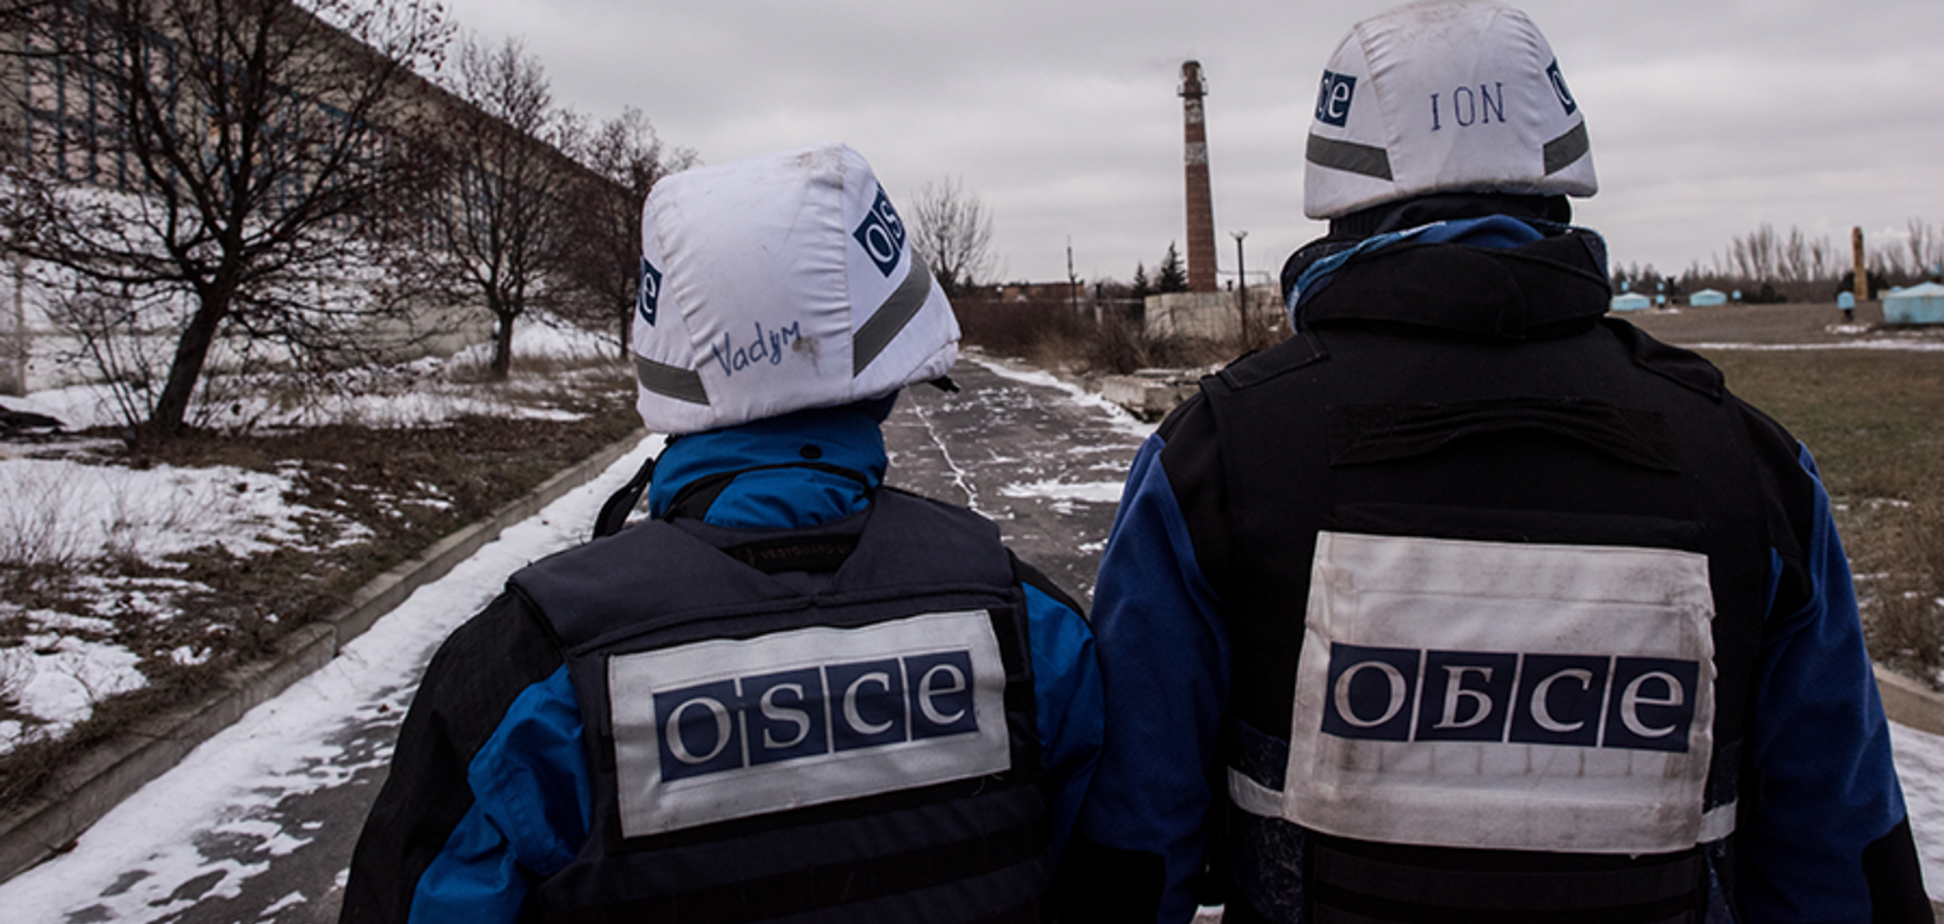 Готують новий удар? Стало відомо про підозрілу поведінку окупантів на Донбасі